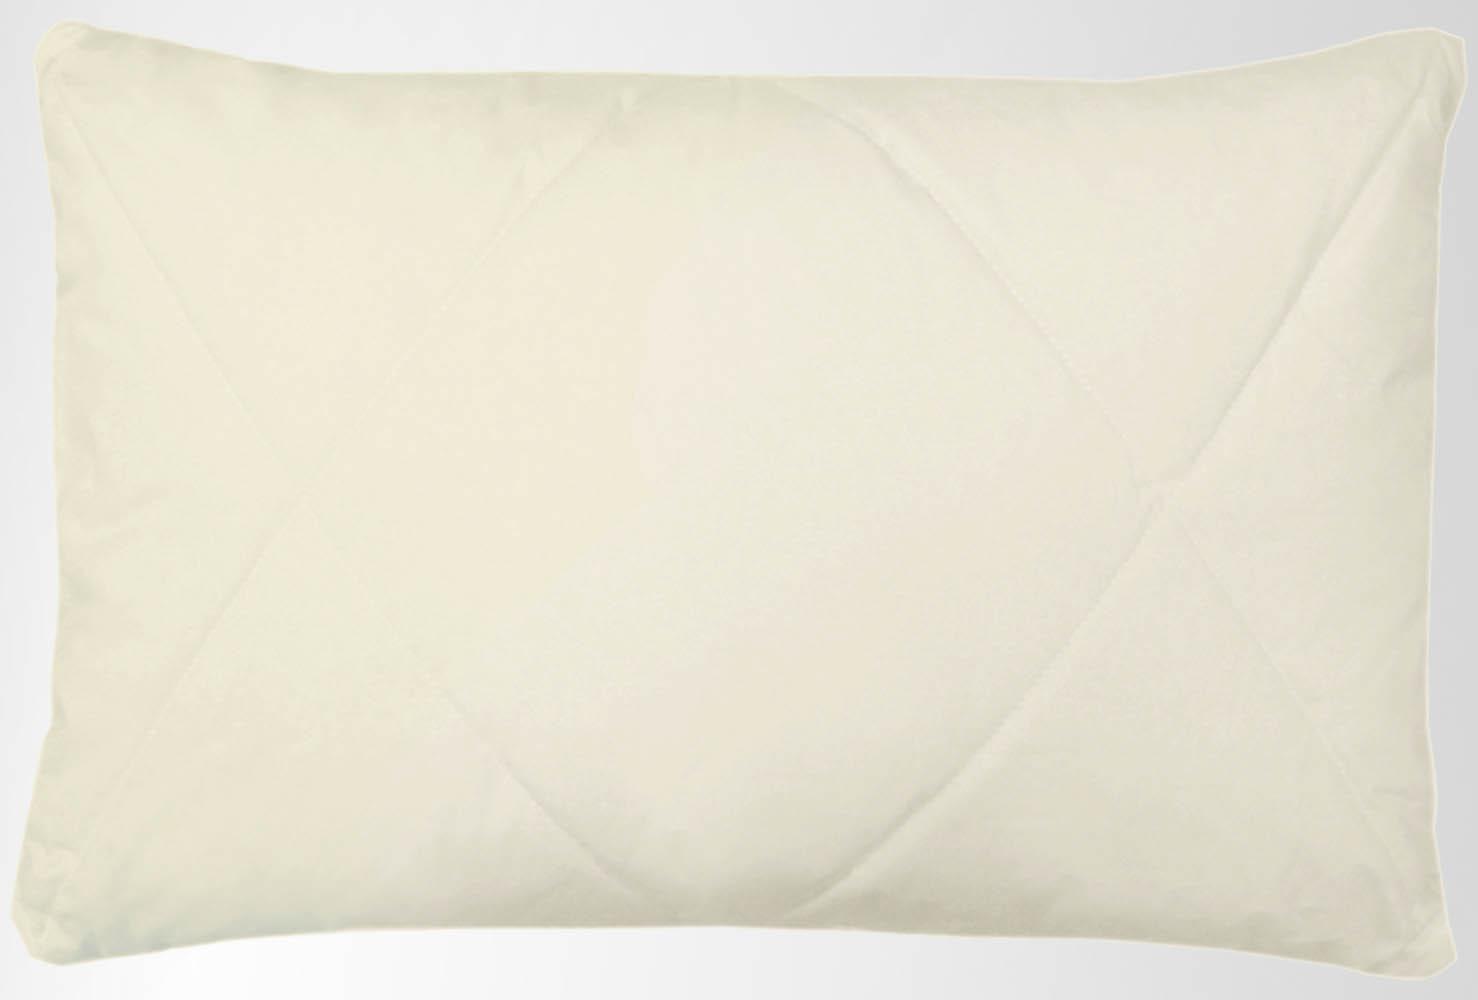 Подушки Primavelle Подушка Yak Цвет: Бежевый (50х72) подушка sortex шерсть яка наполнитель шерсть силиконизированное волокно 50 x 70 см